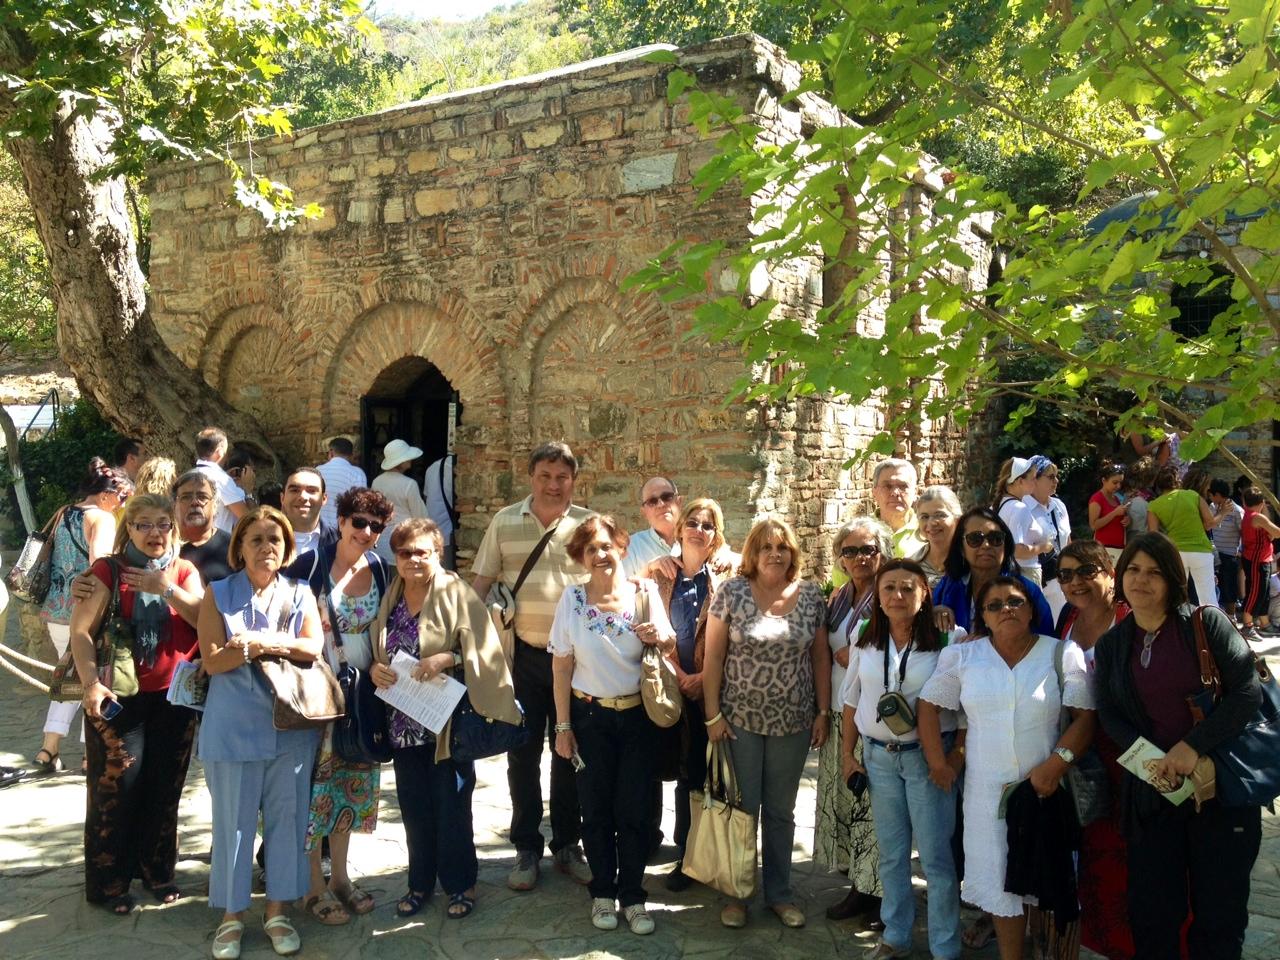 Visita a casa de Nossa Senhora - Éfeso (Turquia)